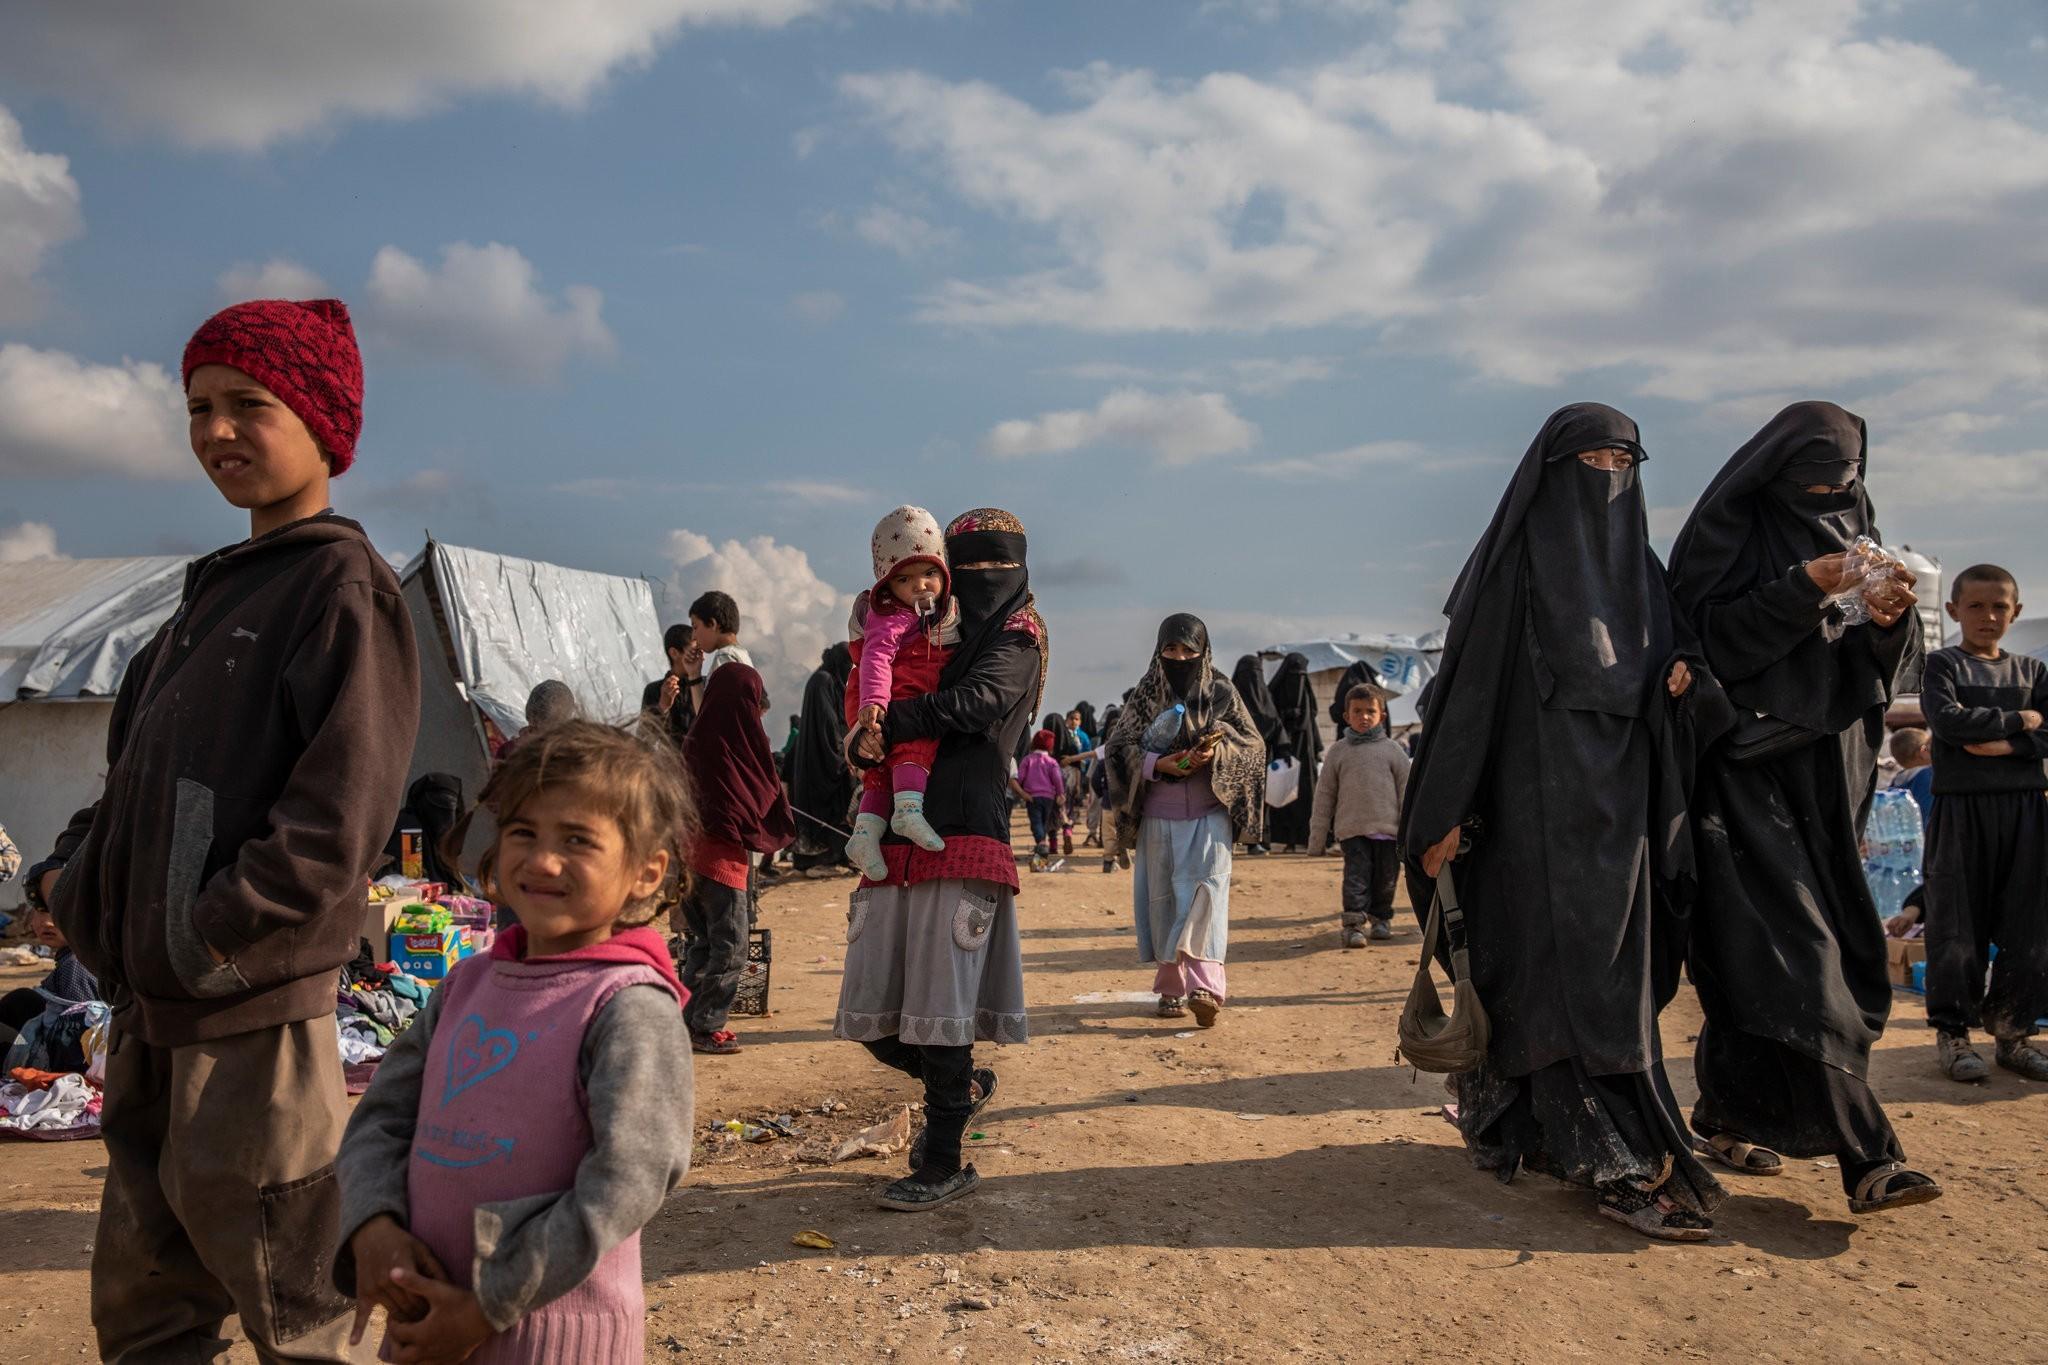 IS,Syria,Iraq,Lybia,trẻ em,quyền con người,Nhà nước Hồi giáo,nhân quyền